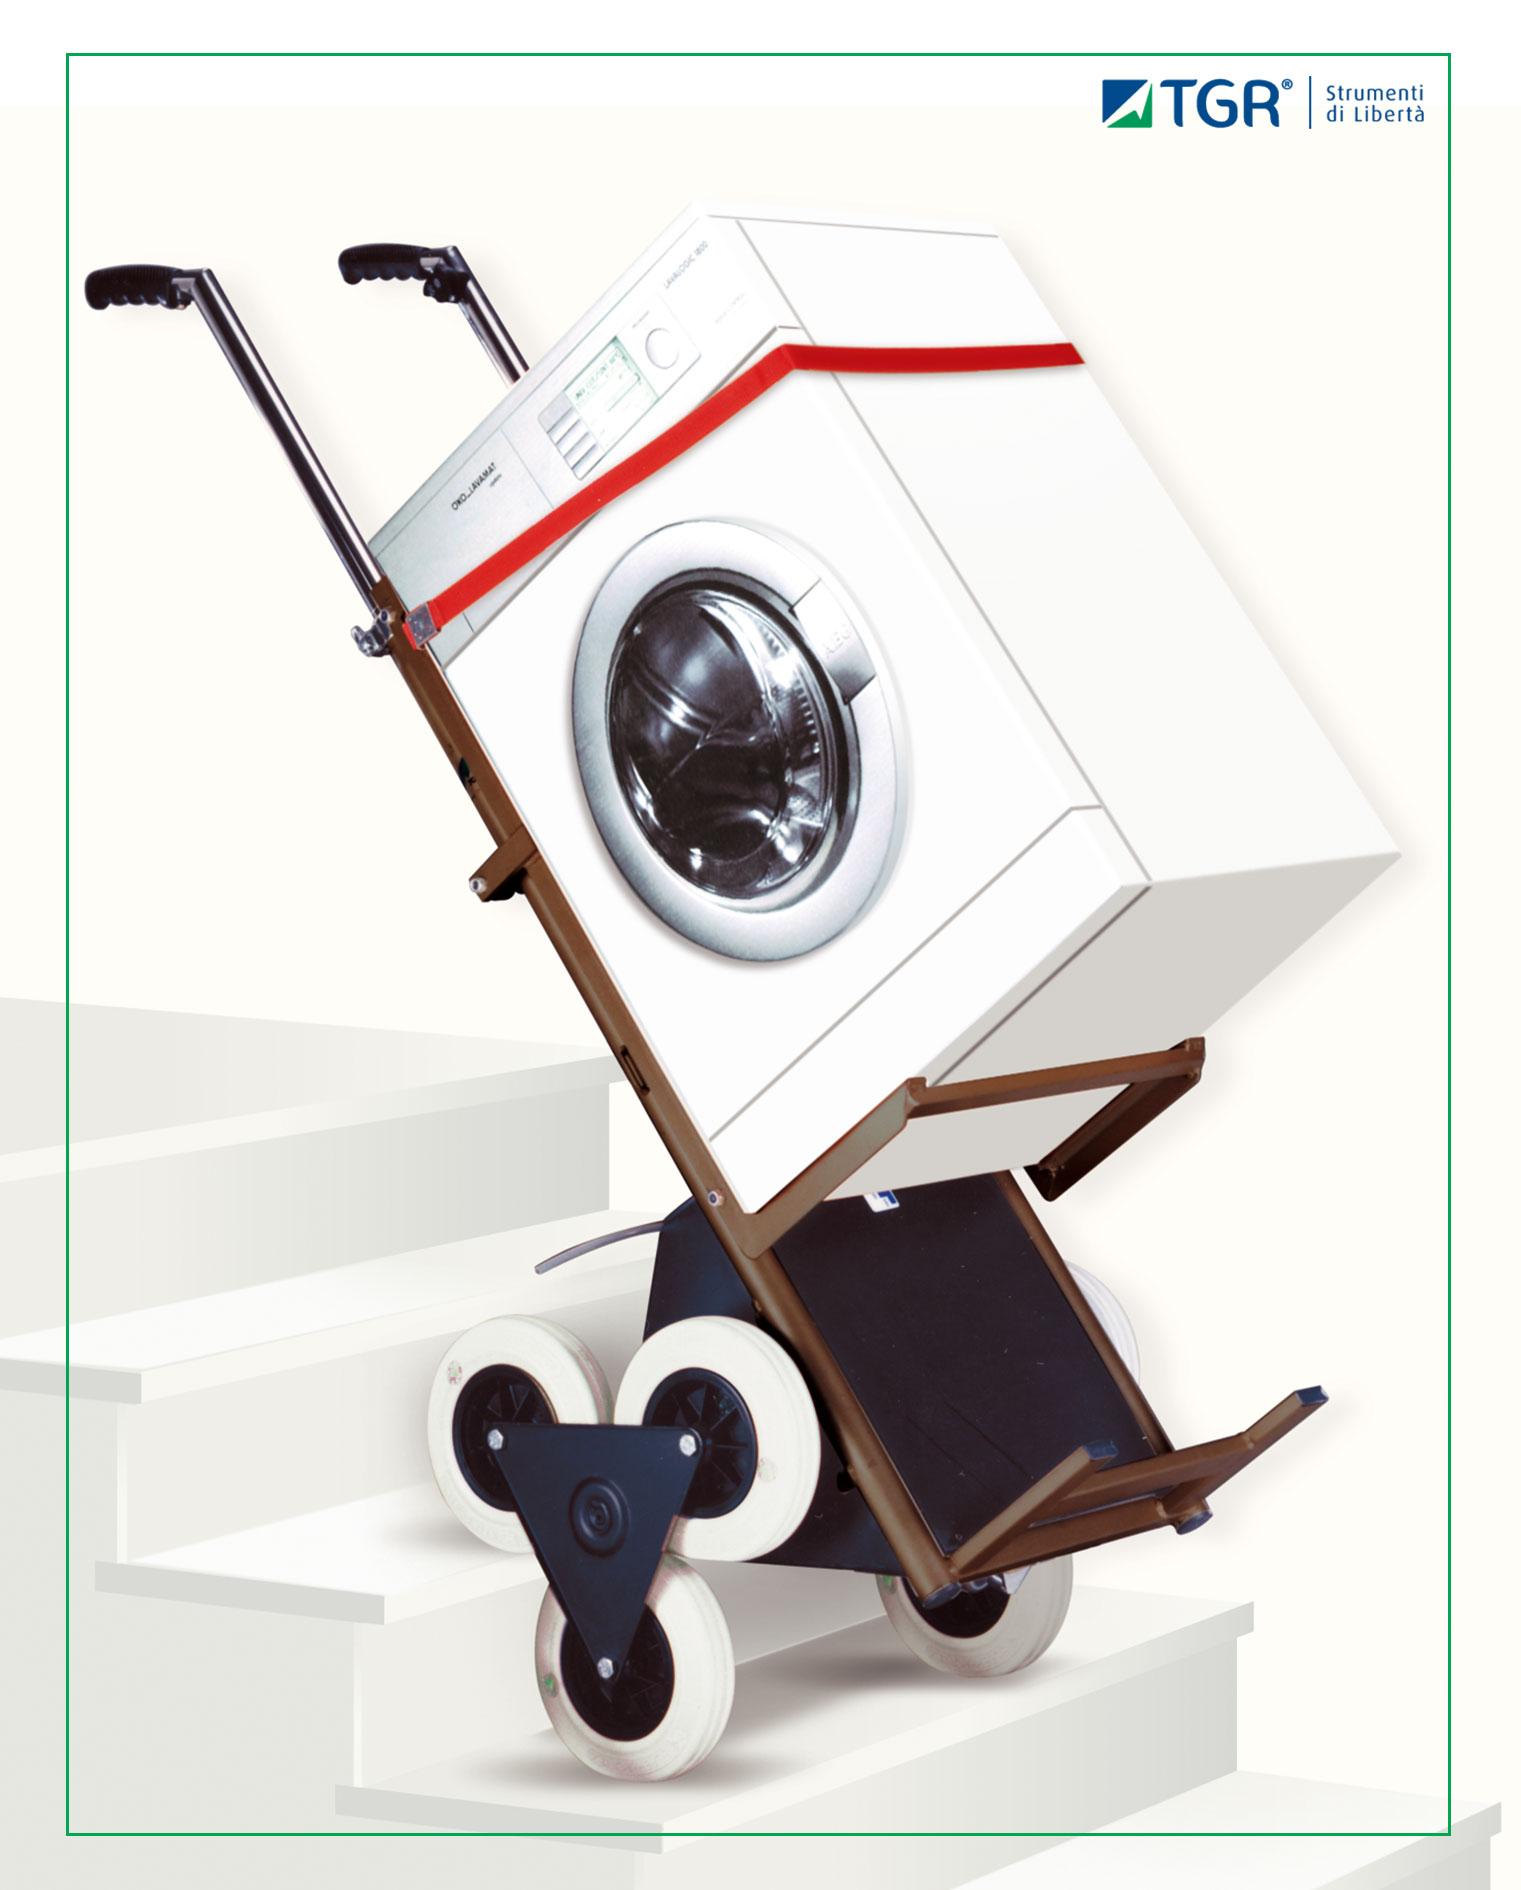 trasoporto-merci-tgr-con-lavatrice